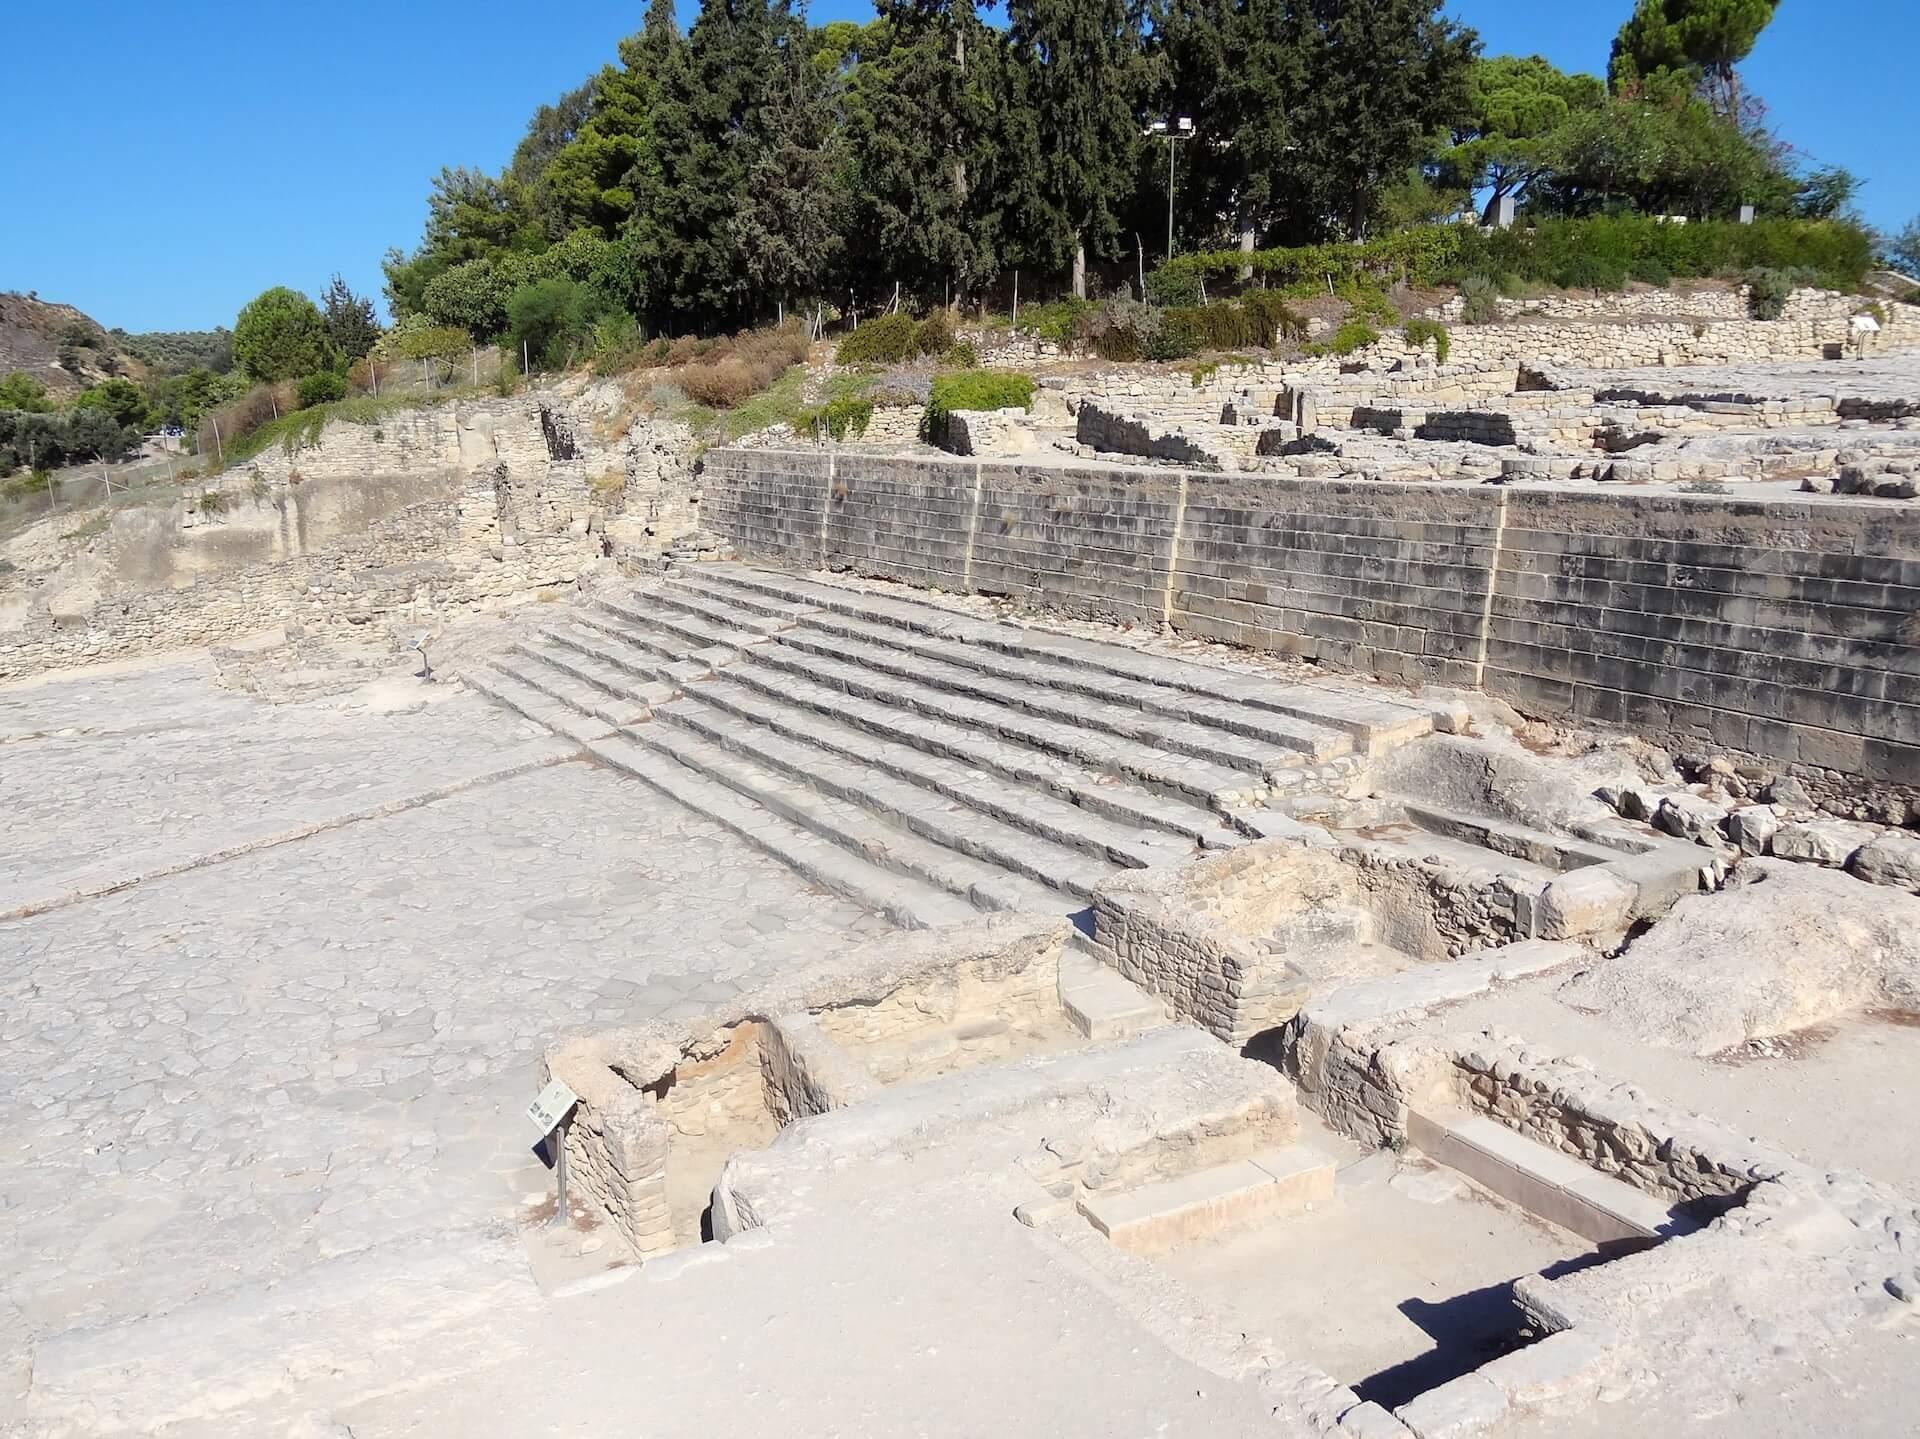 Palacio de Festos Creta minoica